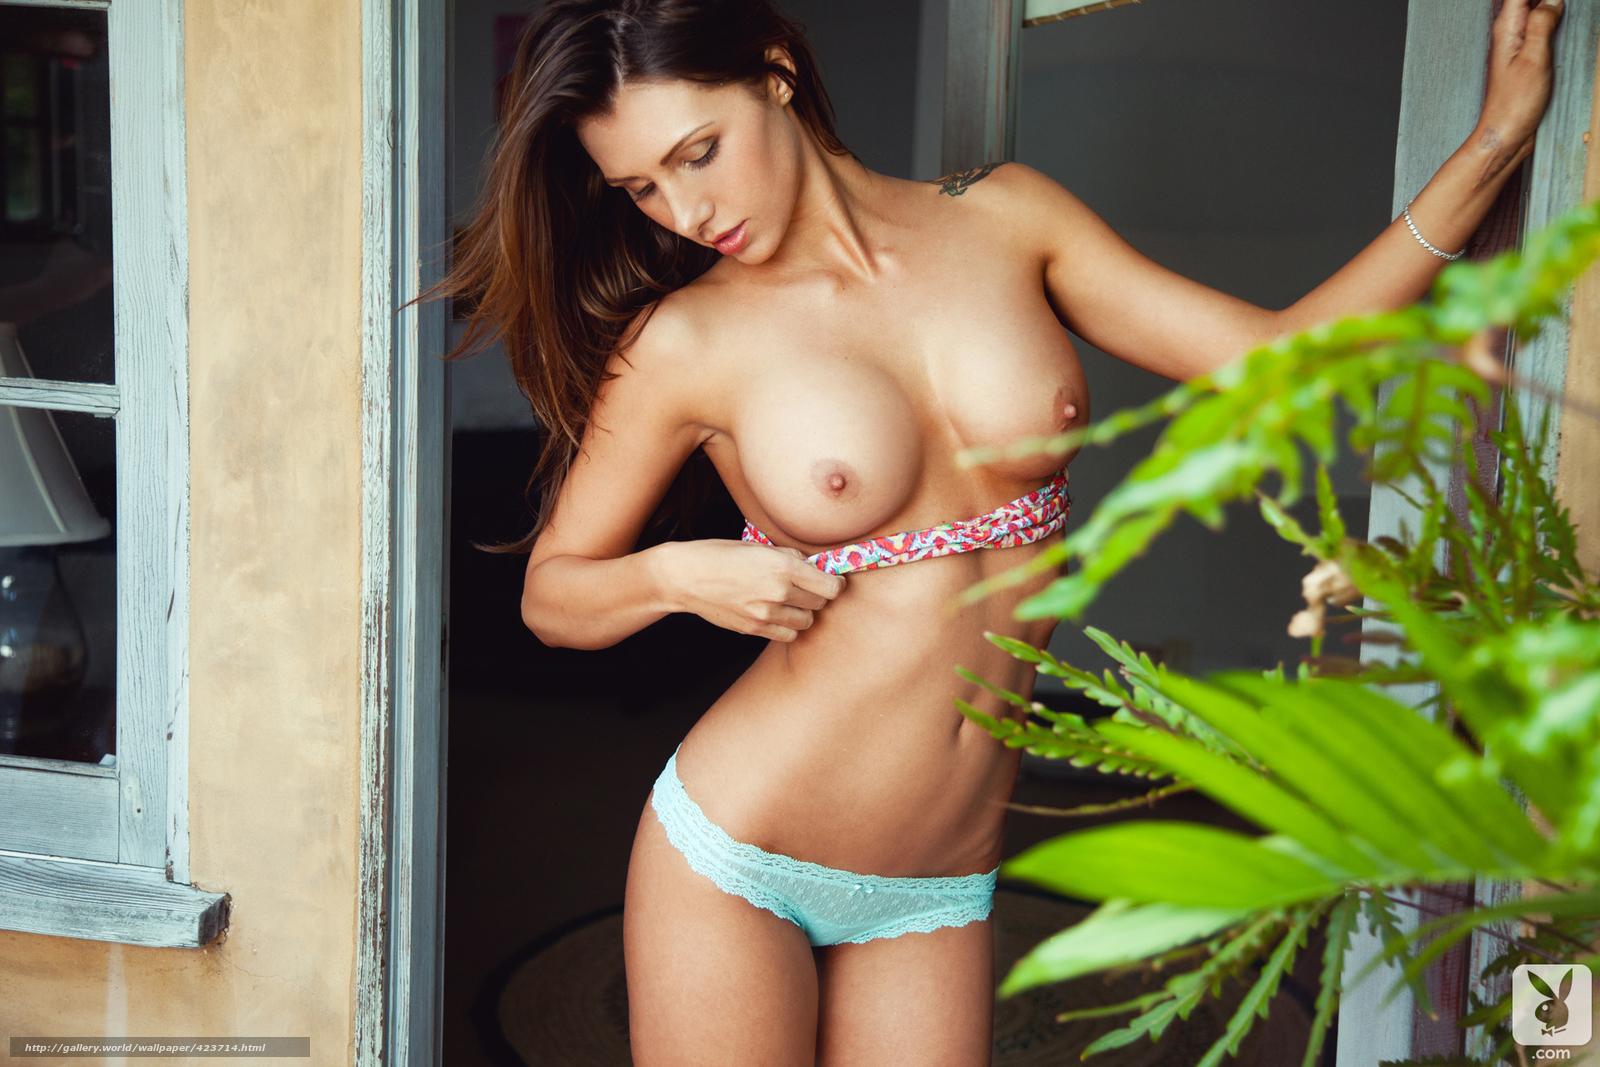 Фото лифчиков на голых девушках 7 фотография